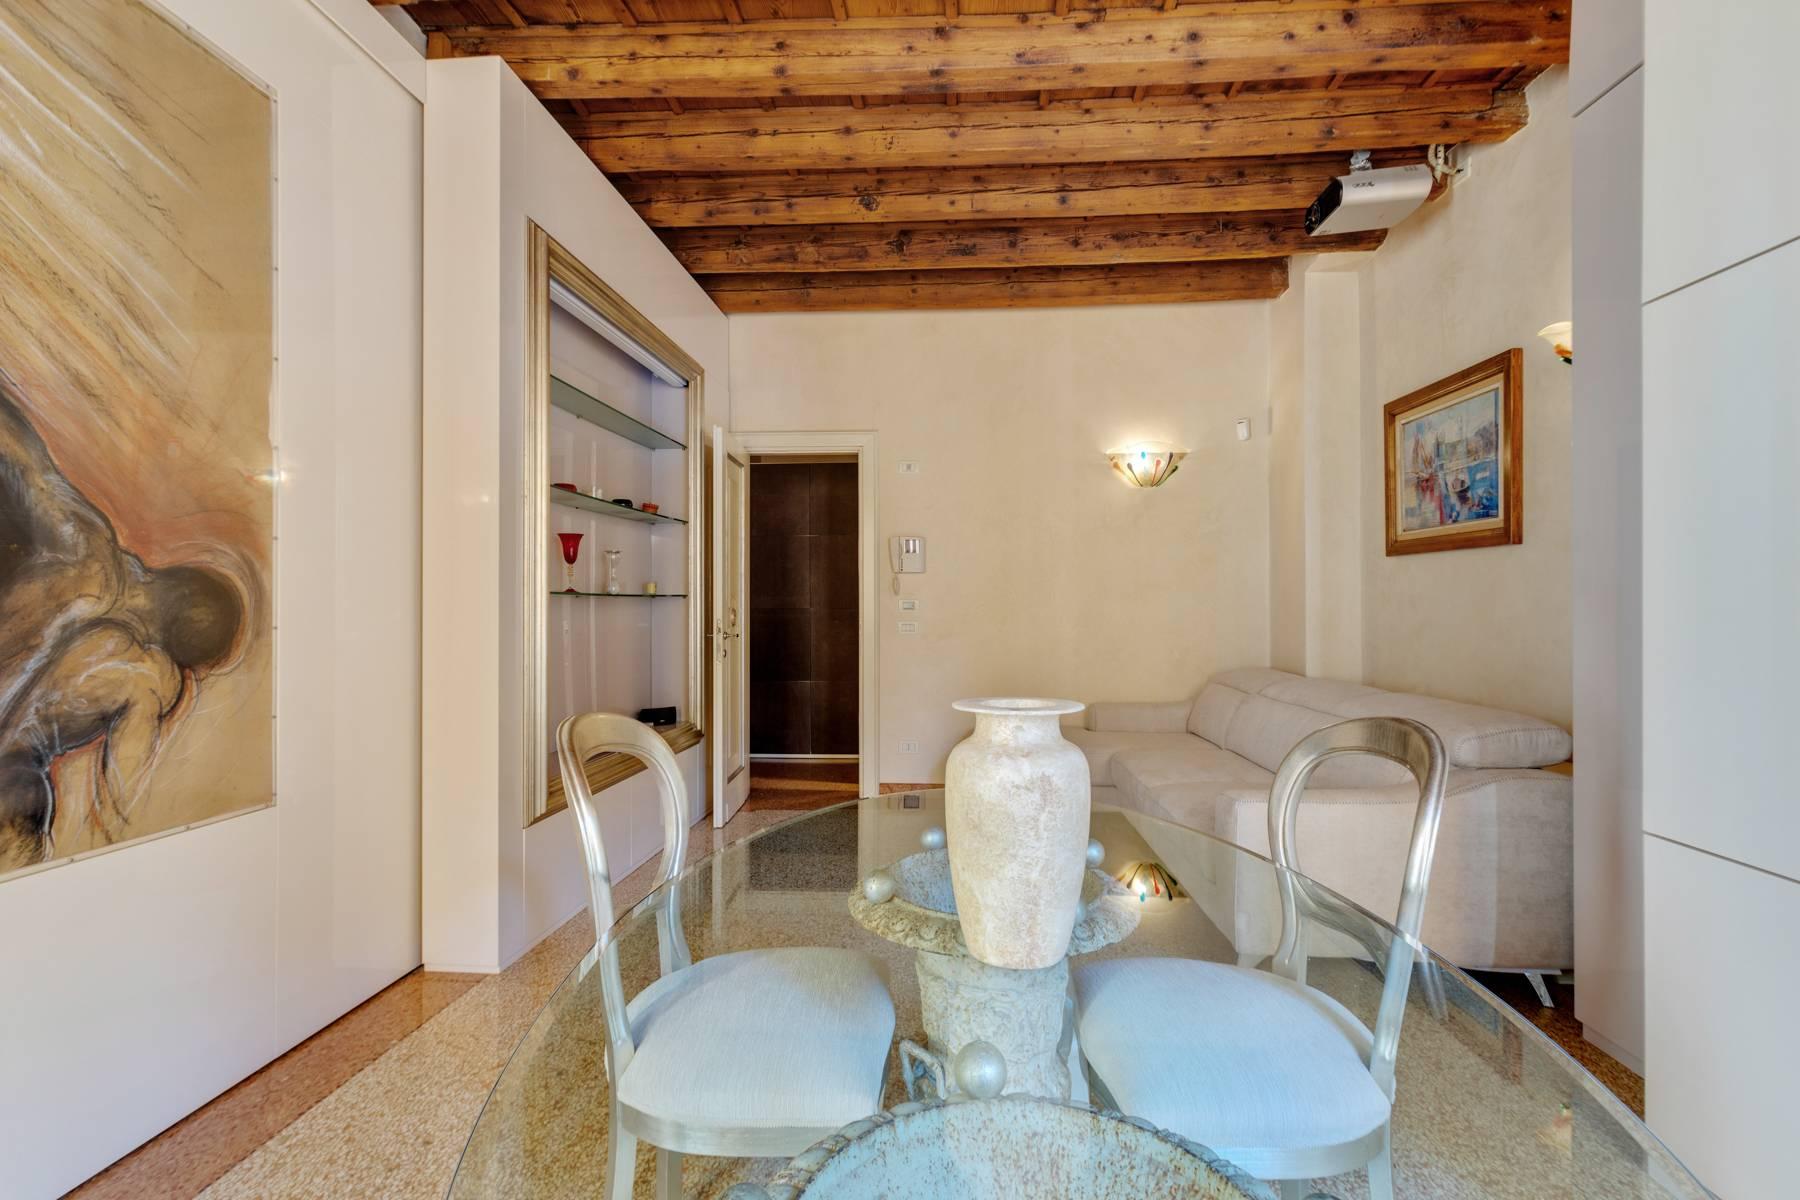 Appartamento in Vendita a Verona: 3 locali, 55 mq - Foto 18